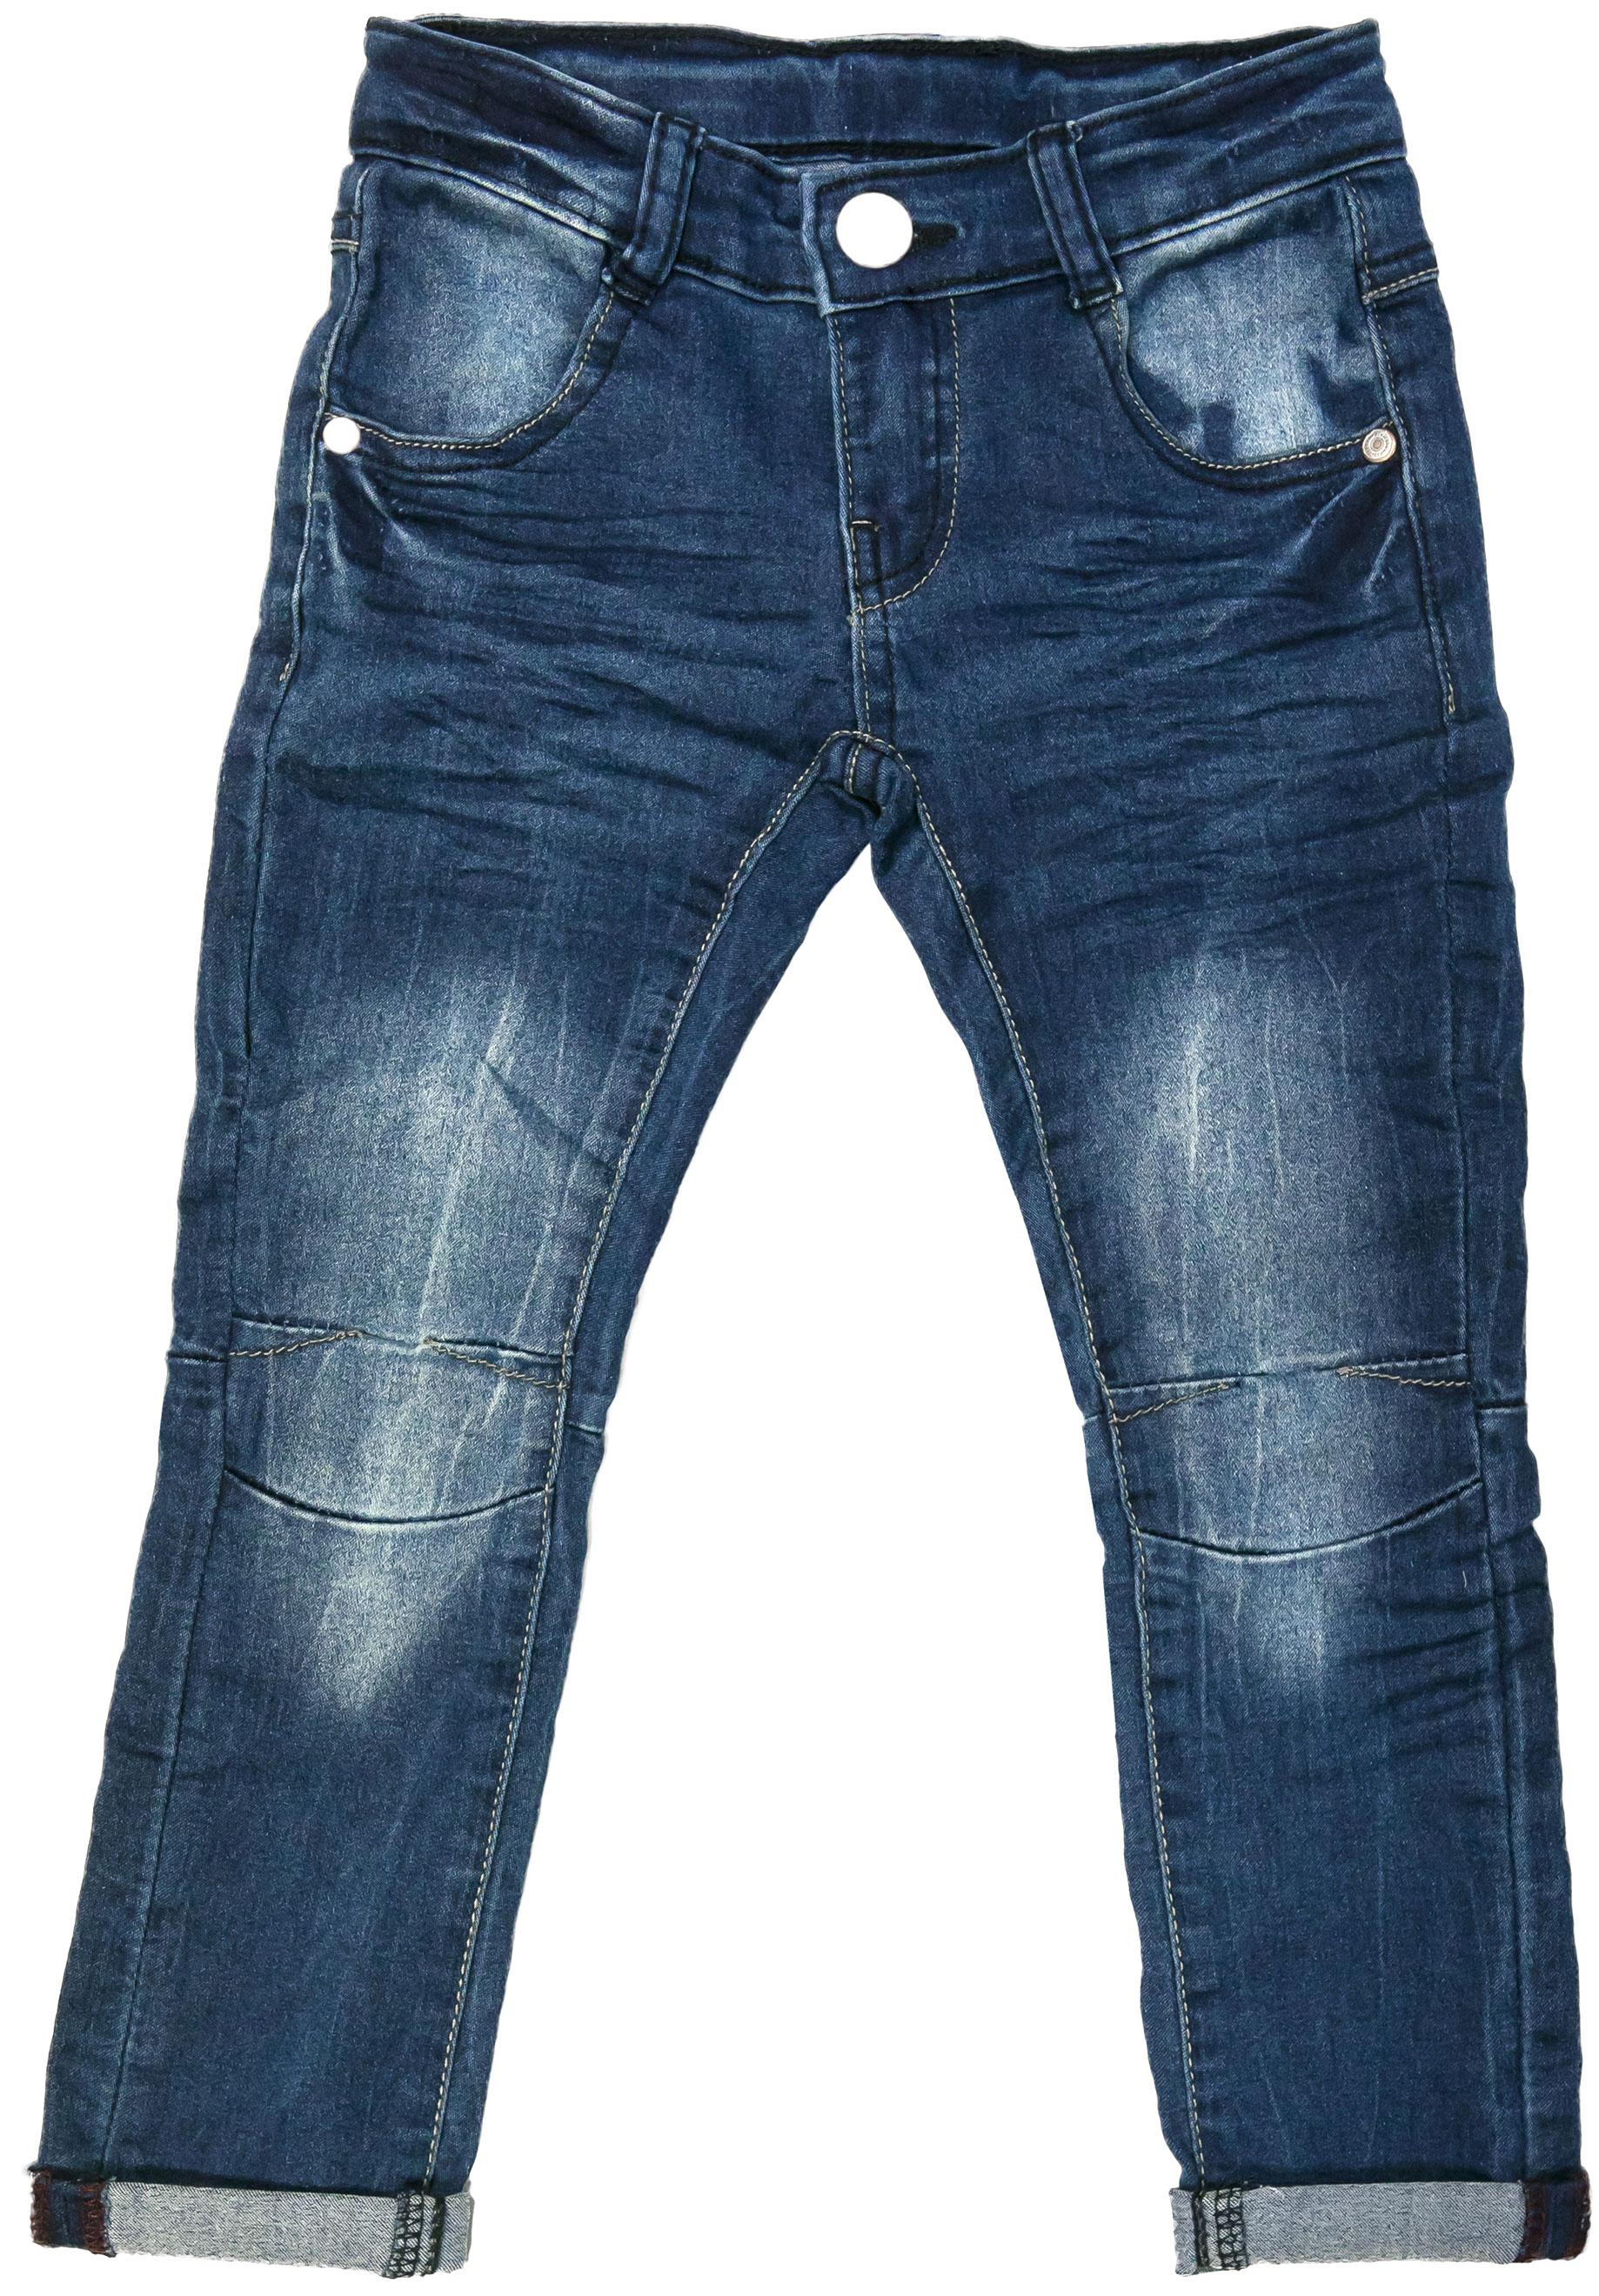 Брюки для мальчика Barkito Джинсы Деним синие полукомбинезон джинсовый для мальчика barkito деним